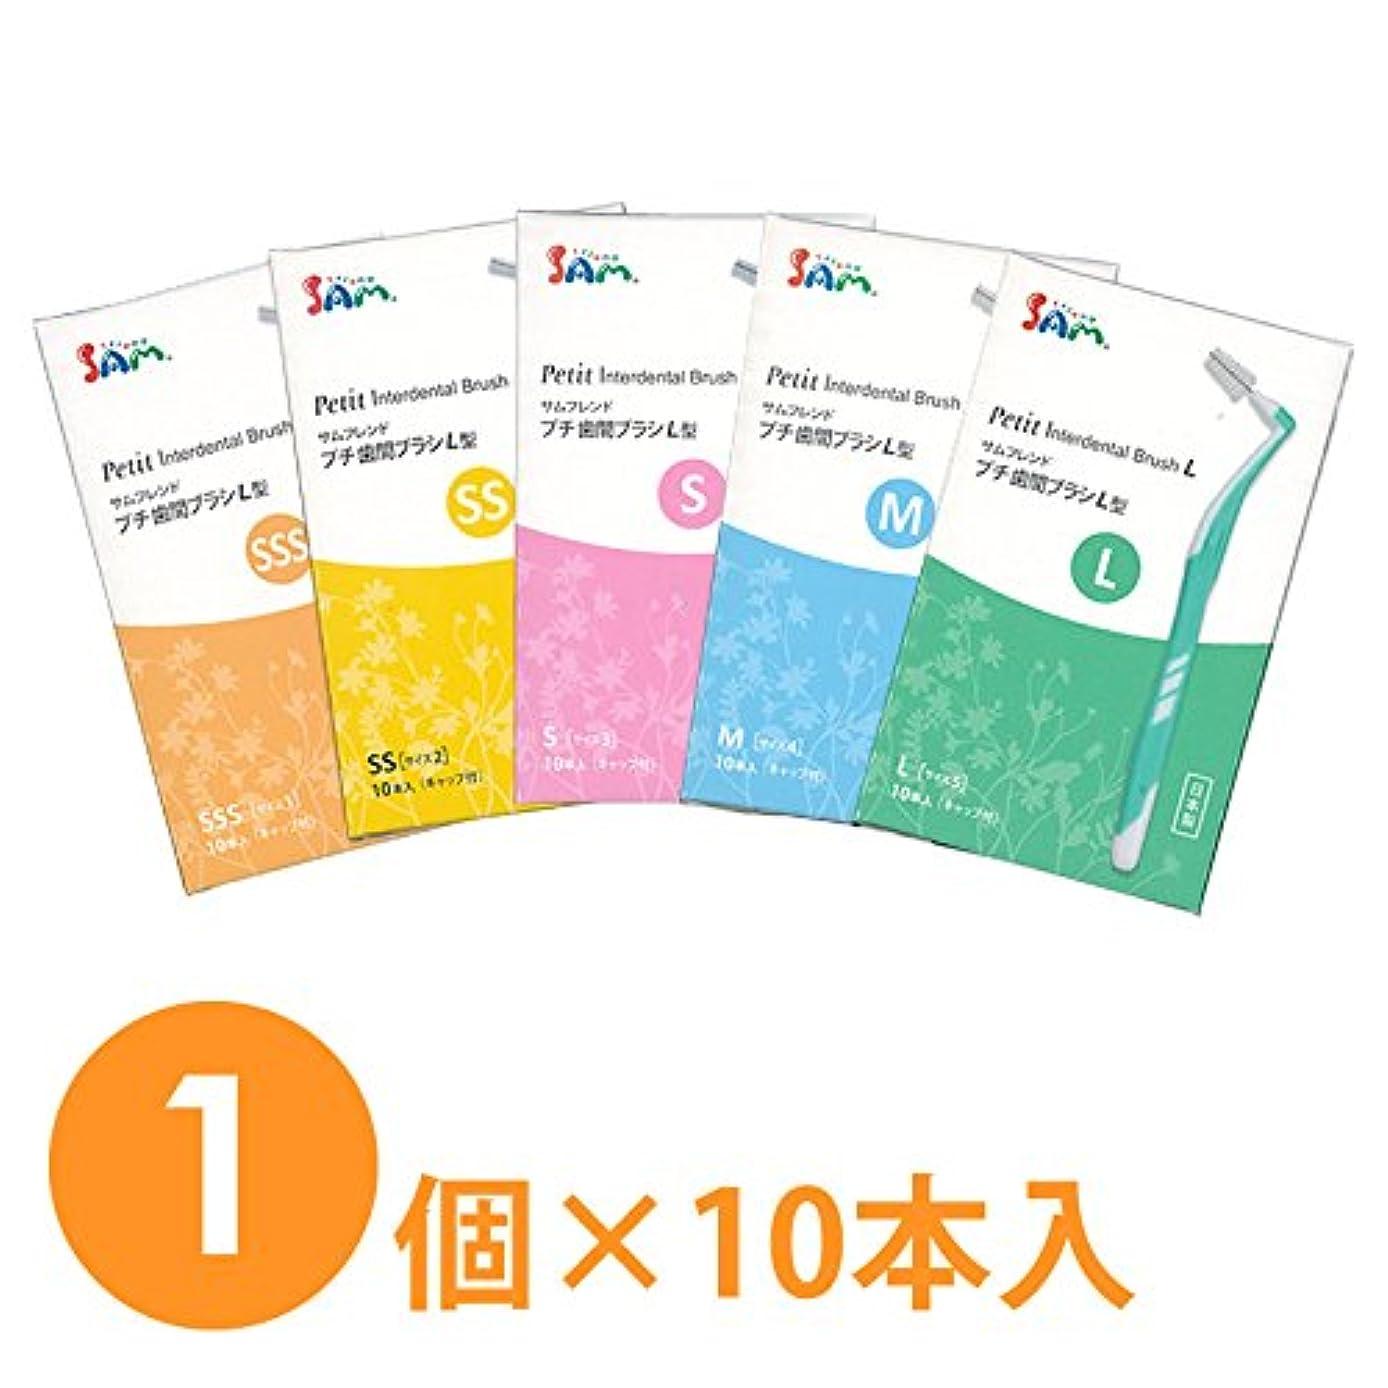 羨望手当ぜいたく【1個】サンデンタル サムフレンド プチ歯間ブラシL型 10本入り (SSS(1)オレンジ)